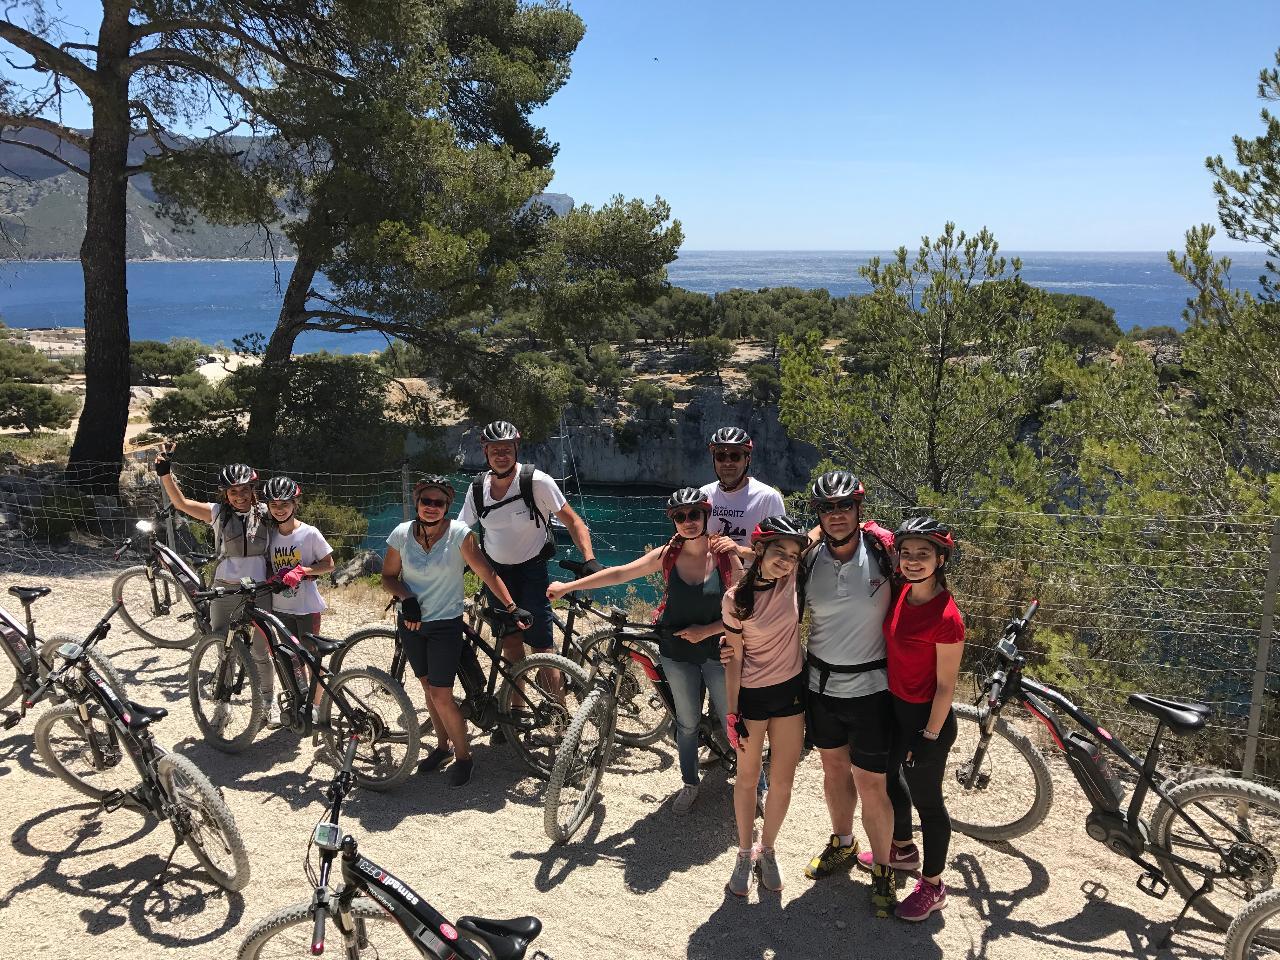 """Tour VTT electrique  """"Les 2 Calanques"""" (niveau facile) - E-mountain bike tour """"Les 2 Calanques"""" (easy level)"""